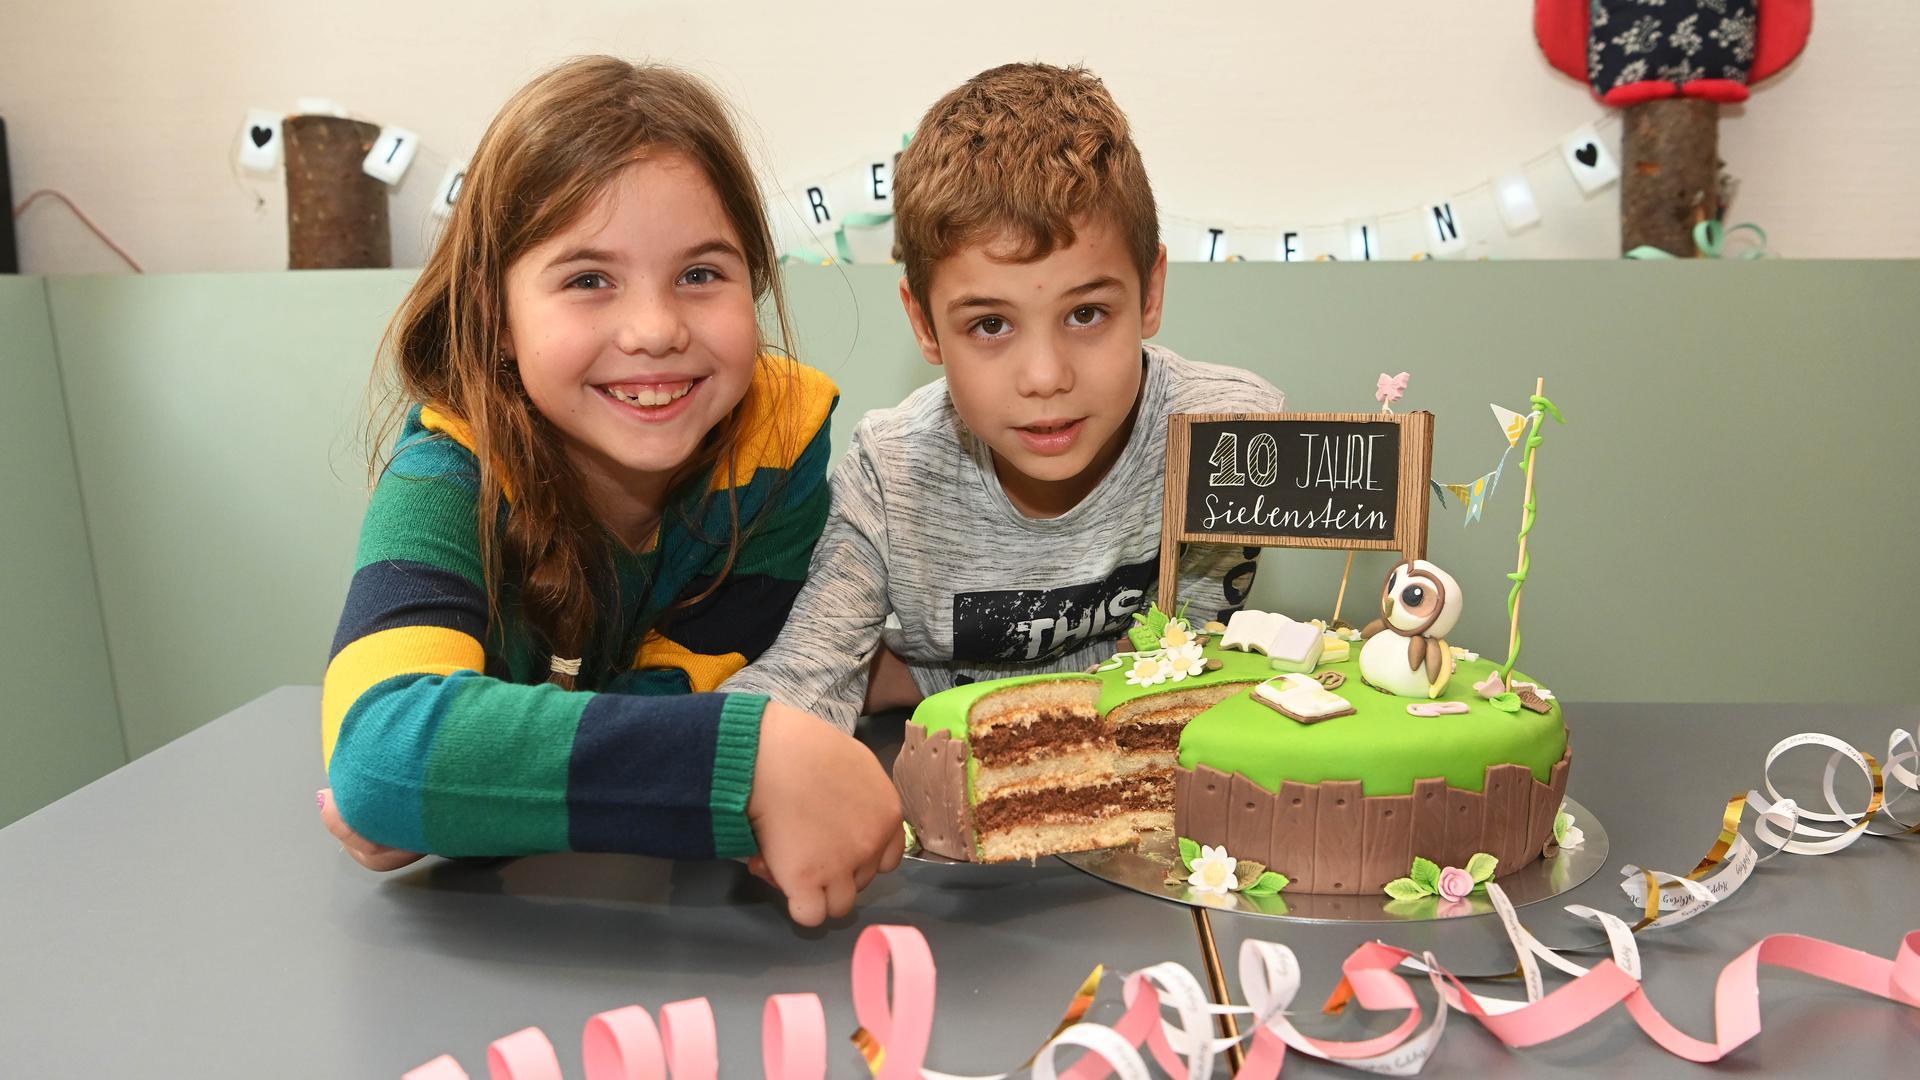 5.10.2020 - 10 Jahre Kinderprojekt Siebenstein in der Nehemia-Initiative Karlsruhe. Coronagerecht schneidet ein Geschwisterpaar die Torte an in den Räumen des Kinder- und Jugendprojekts in der Werderstraße in der Südstadt.